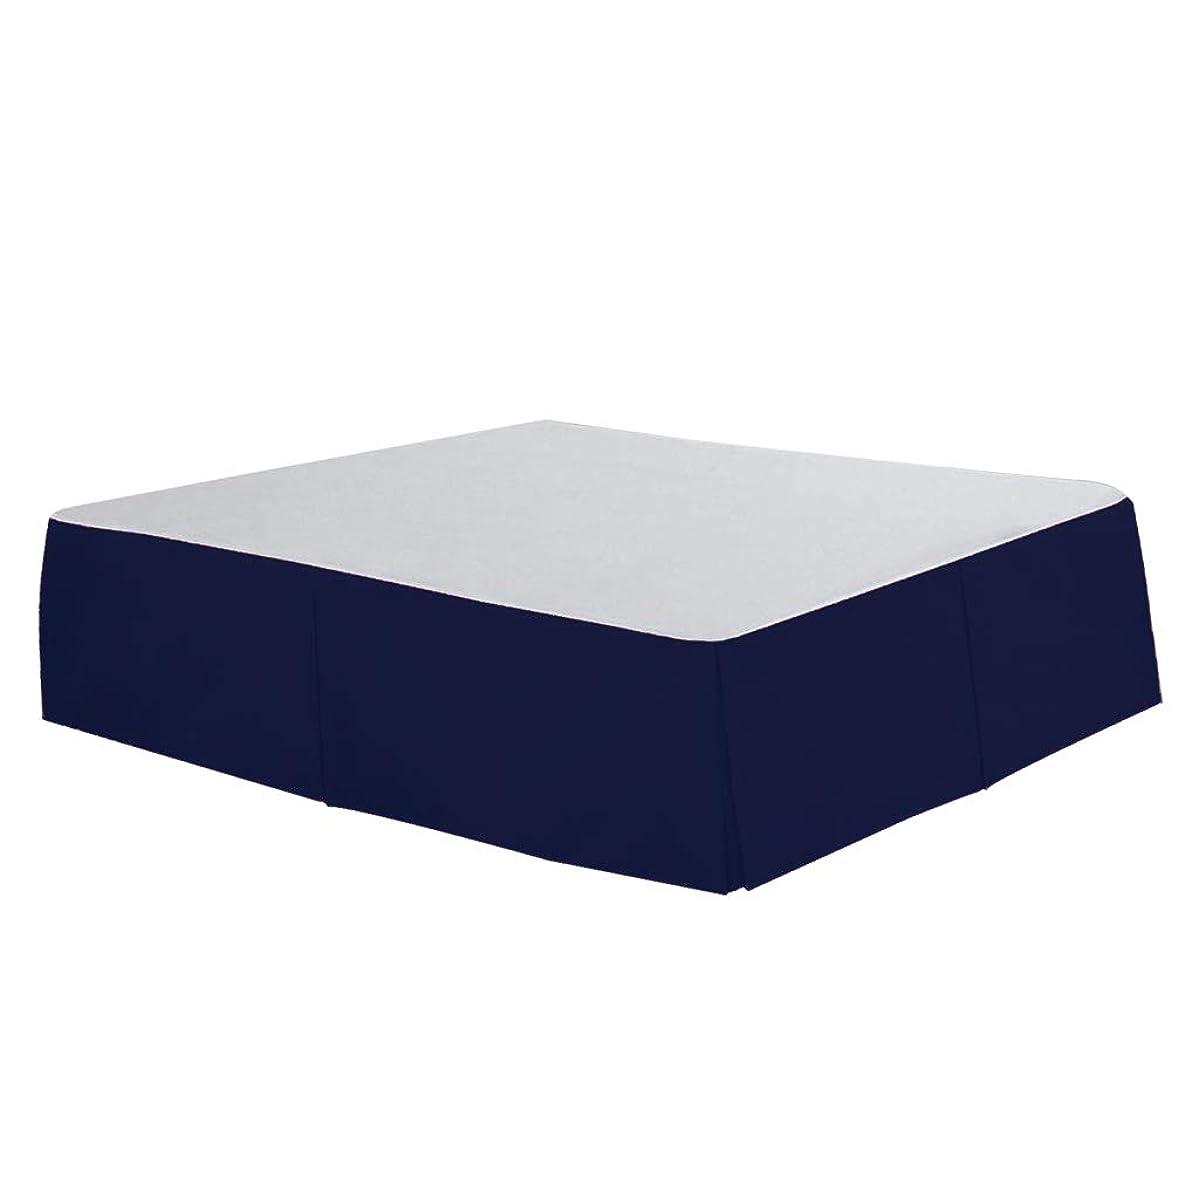 章汚染アーサーコナンドイルB Blesiya ベッドスカート ヴィンテージ風 通気性 快適 耐久性 洗濯可能 4サイズ - ブルー, サイズ4